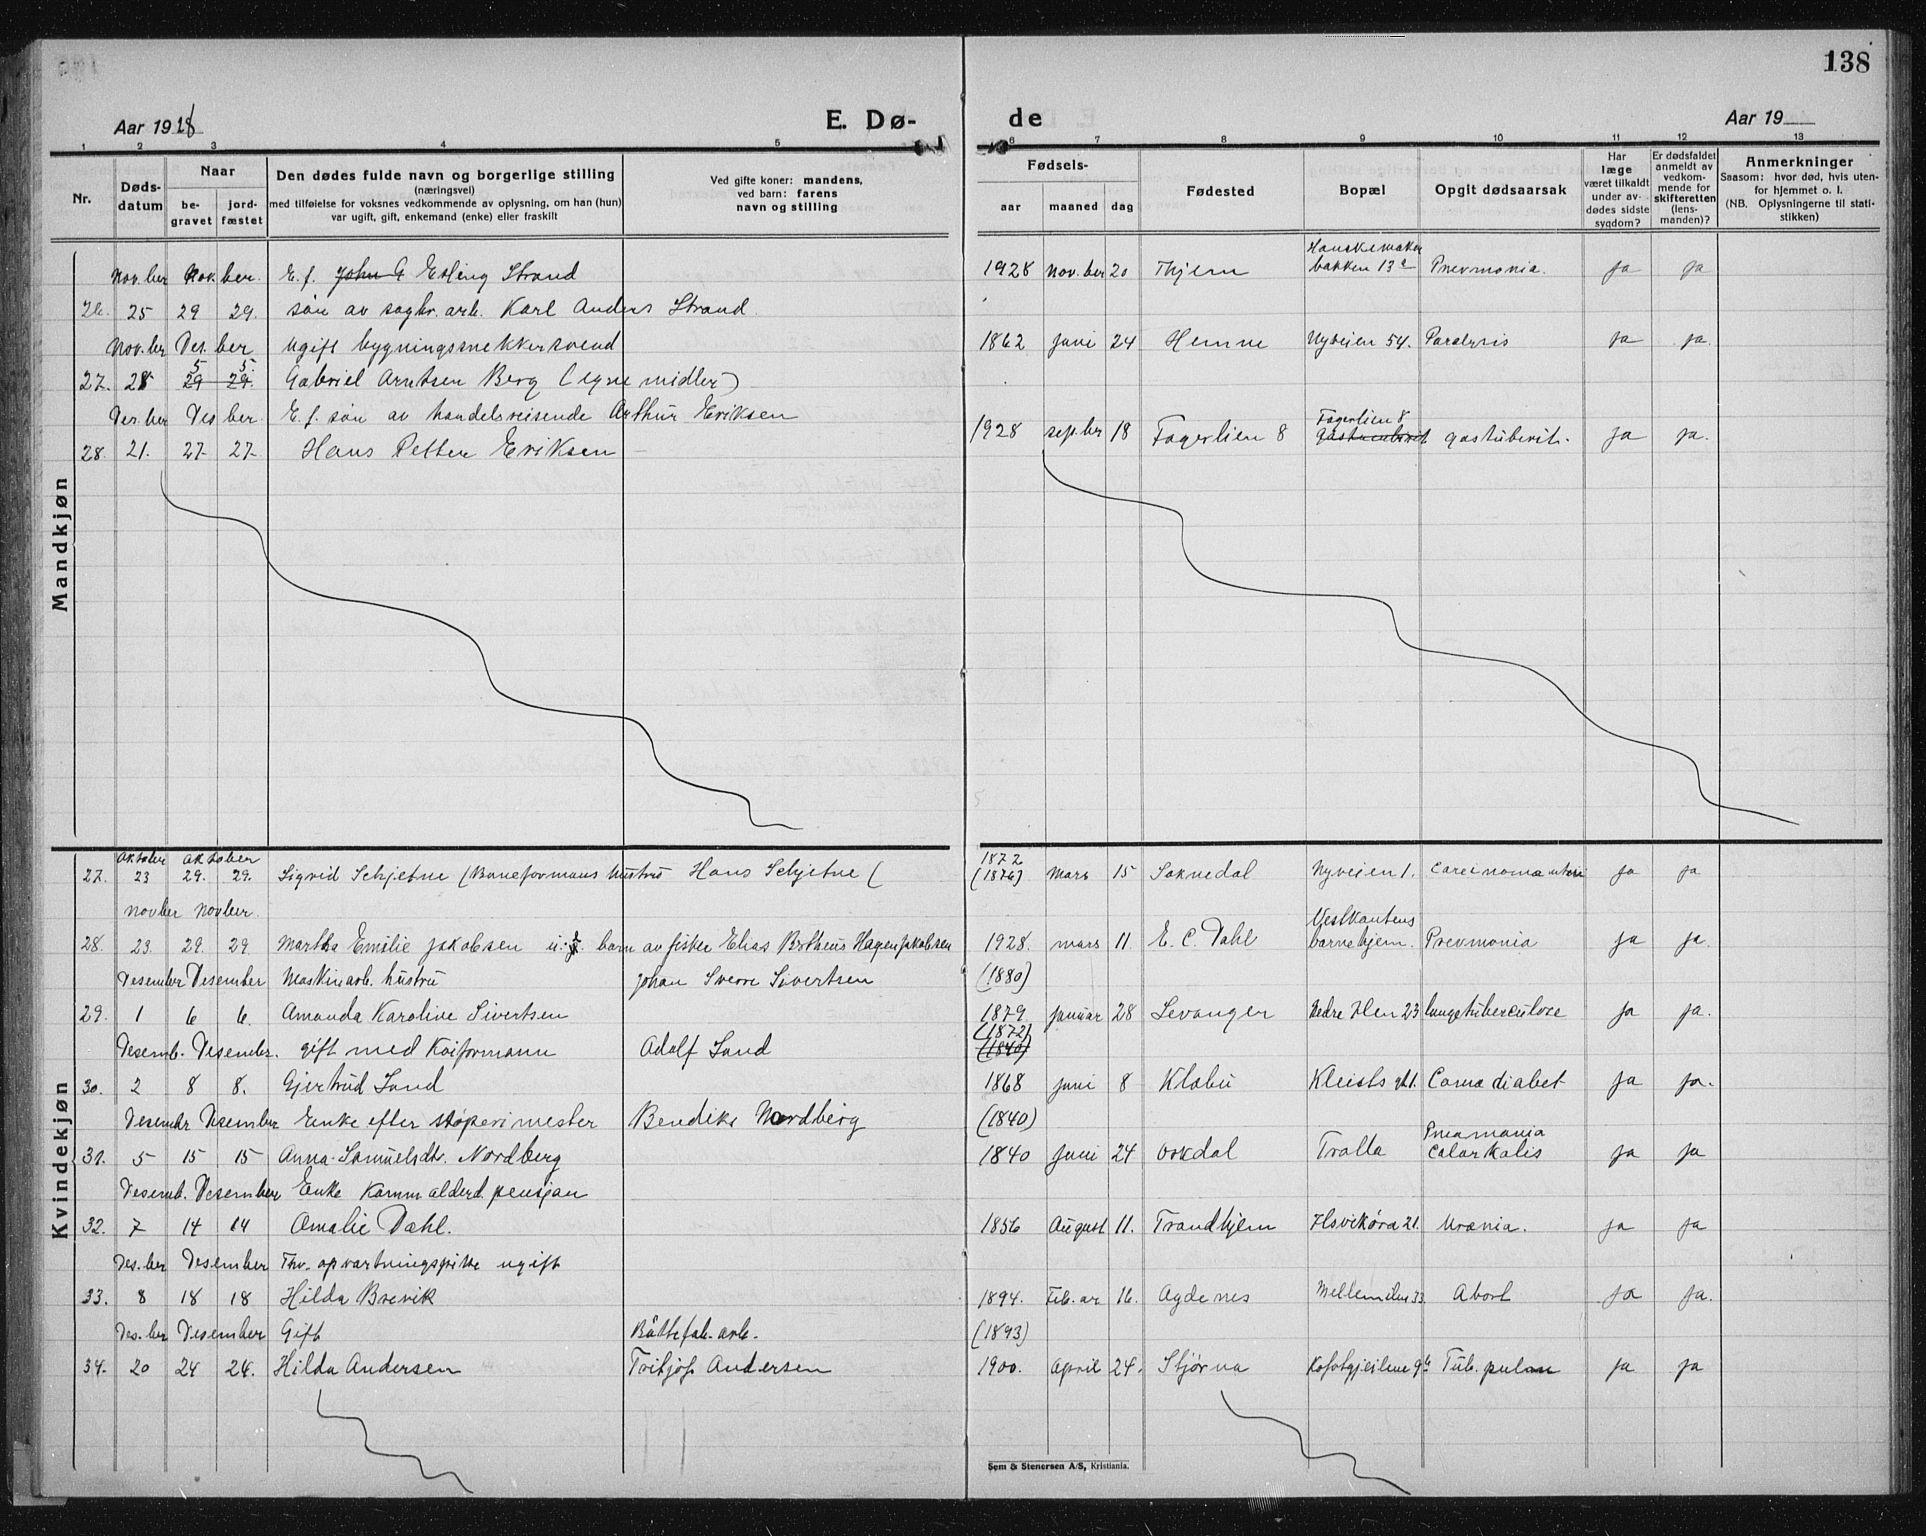 SAT, Ministerialprotokoller, klokkerbøker og fødselsregistre - Sør-Trøndelag, 603/L0176: Klokkerbok nr. 603C04, 1923-1941, s. 138